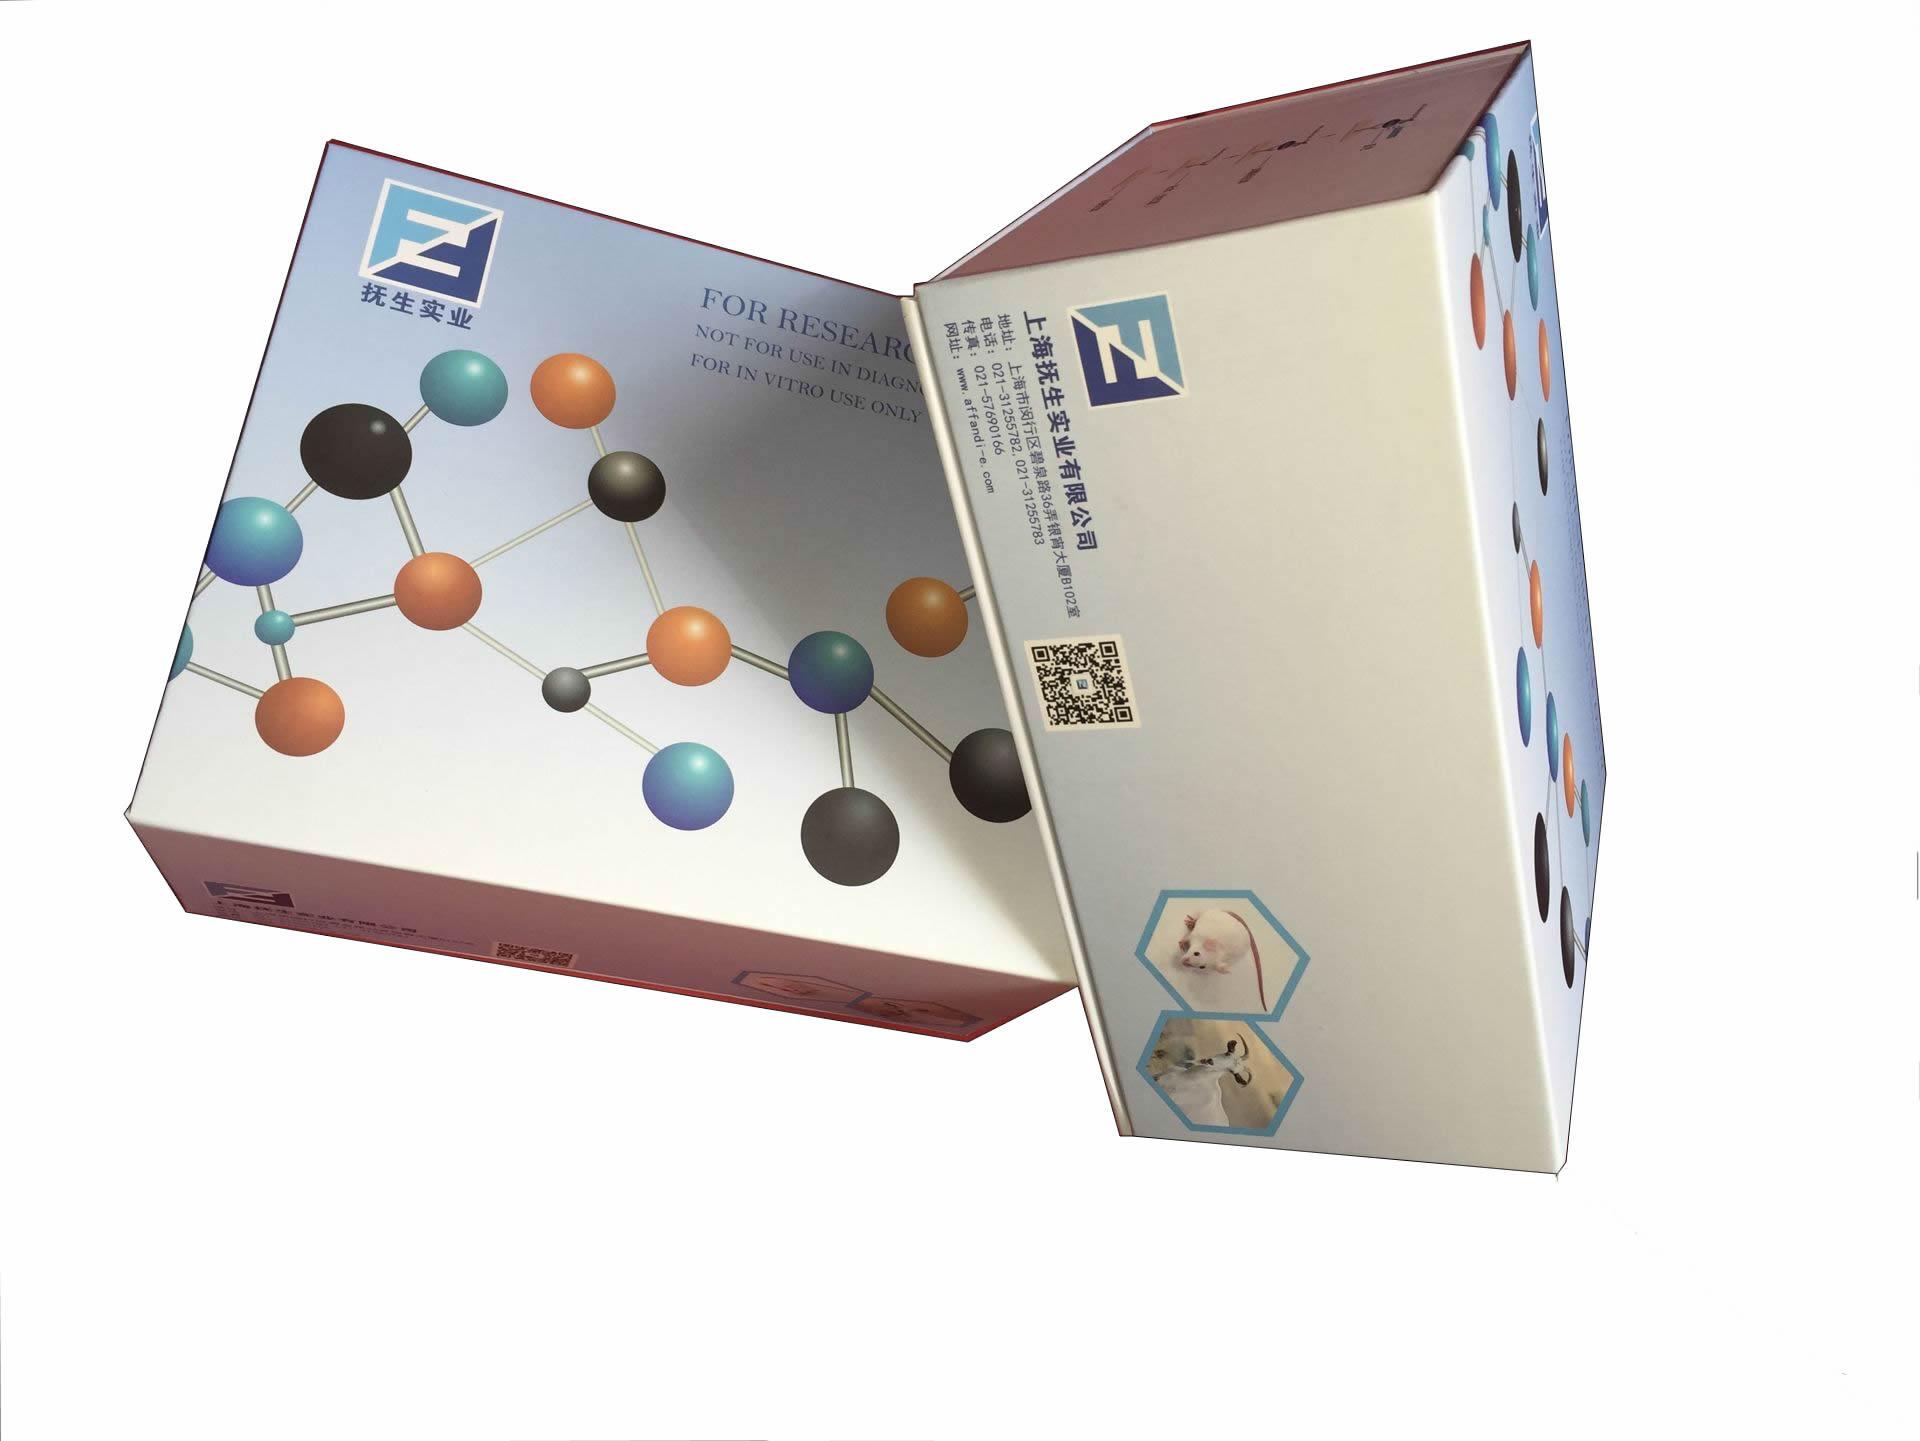 干扰素γ诱导蛋白检测试剂盒